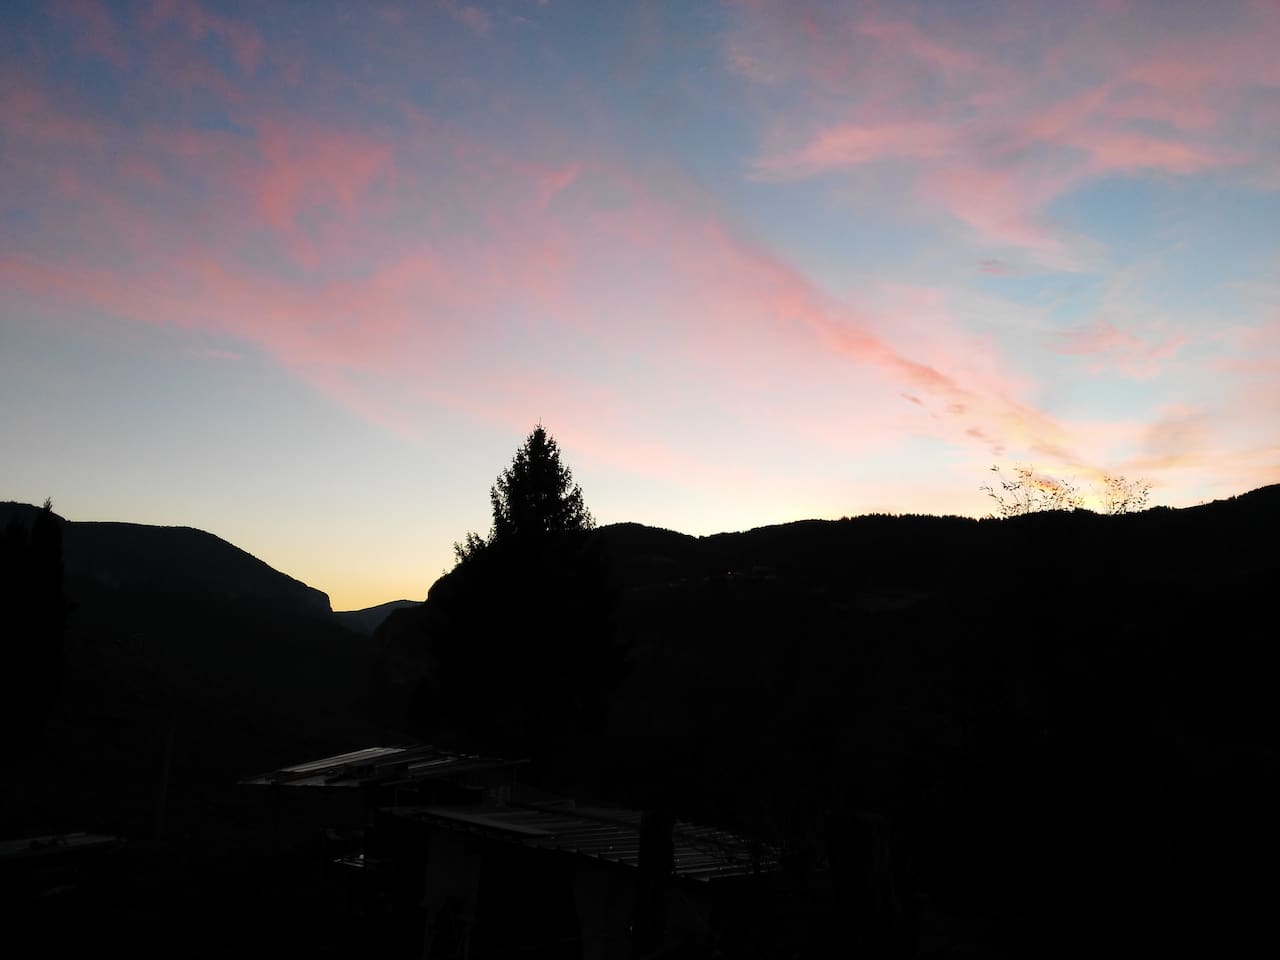 ...un tramonto...